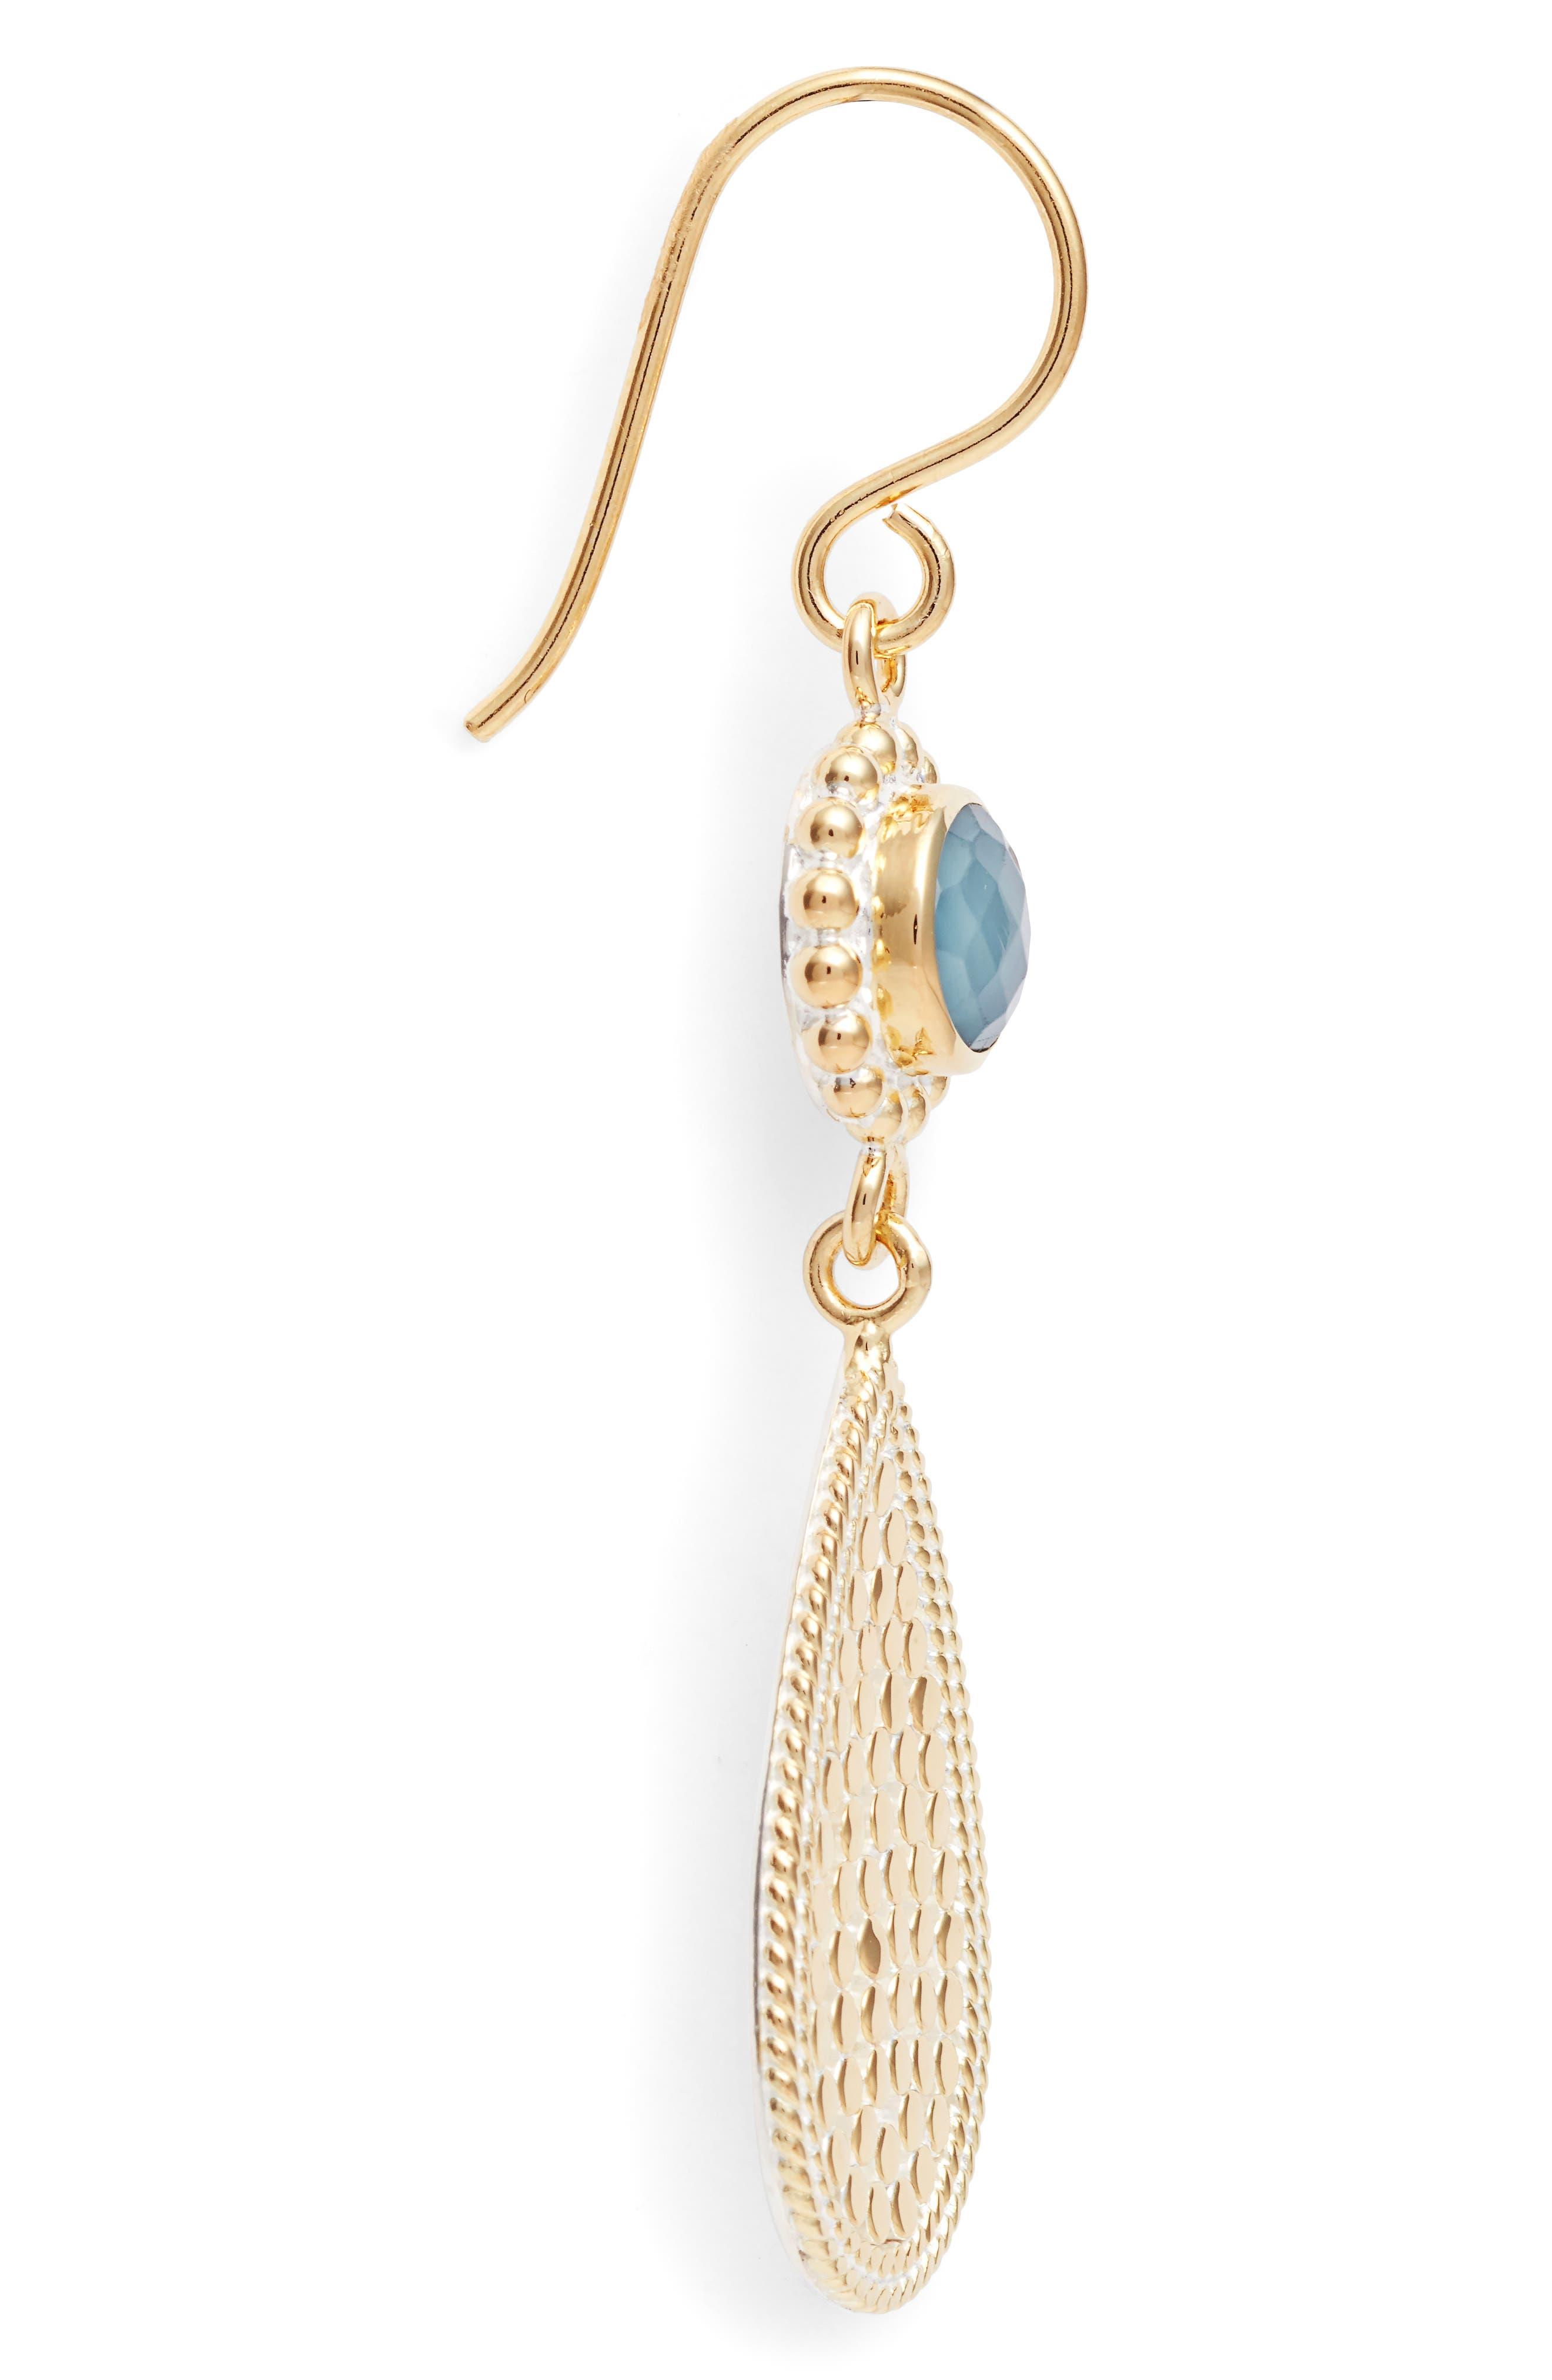 Blue Quartz Double Drop Earrings,                             Alternate thumbnail 4, color,                             Gold/ Blue Quartz